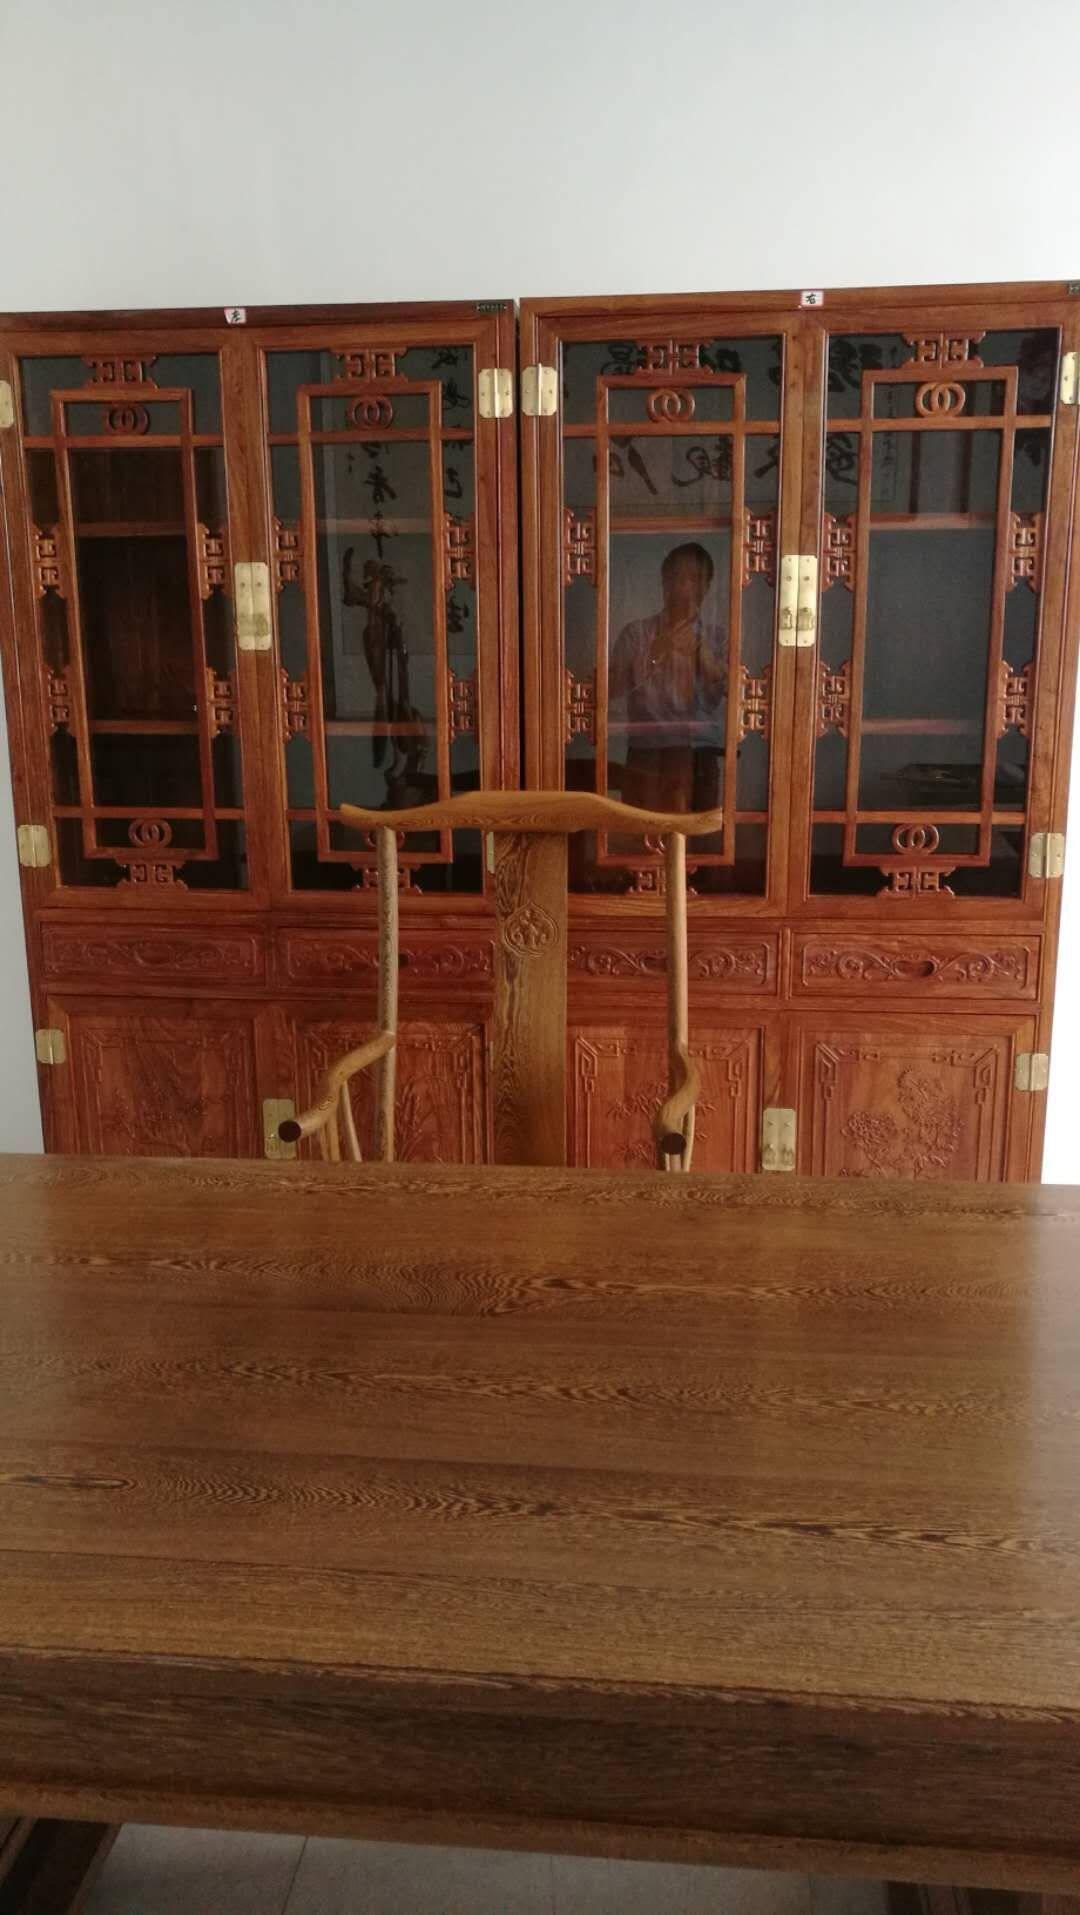 粤顺红木家具非洲花梨(学名:刺猬紫檀)书柜博古架全实木书柜中式仿古四门书柜组合储物柜展示架一对书柜